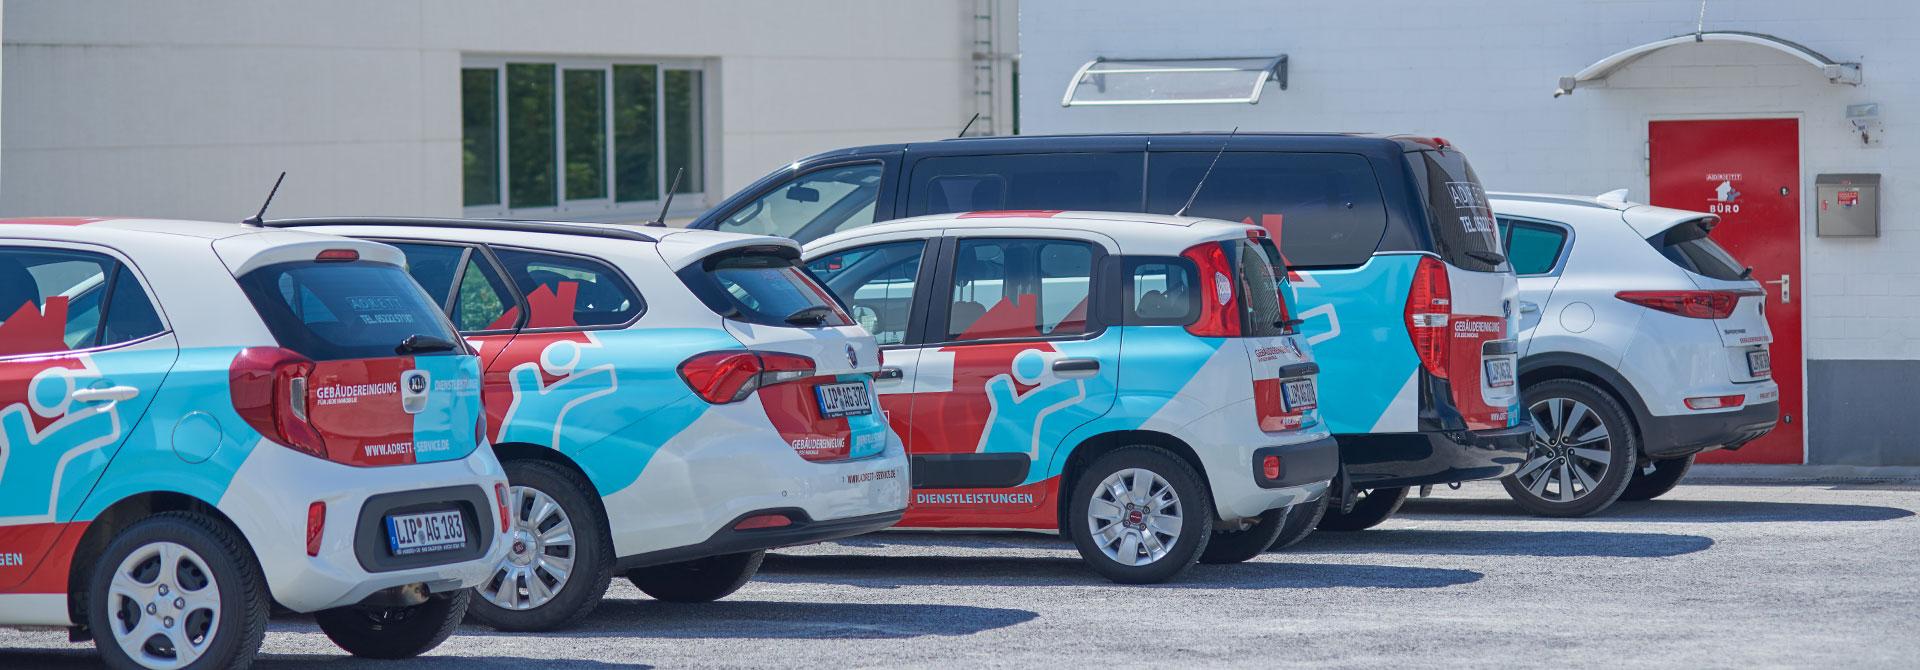 Firmenfahrzeuge von ADRETT vor dem Firmengebäude